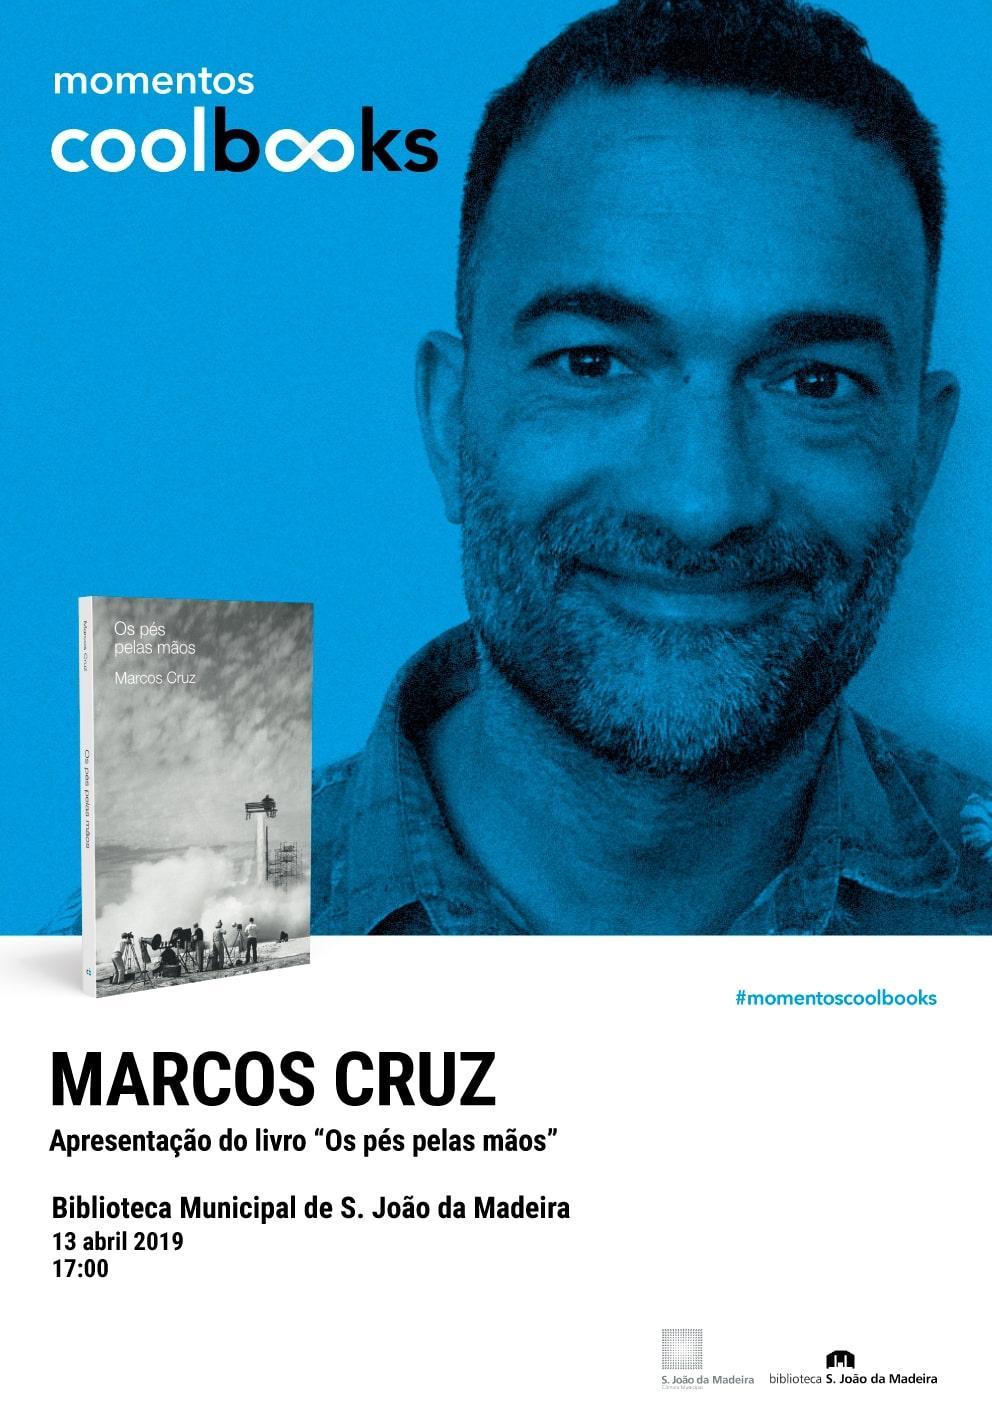 """APRESENTAÇÃO DO LIVRO """"OS PÉS PELAS MAÕS"""" DE MARCOS CRUZ"""